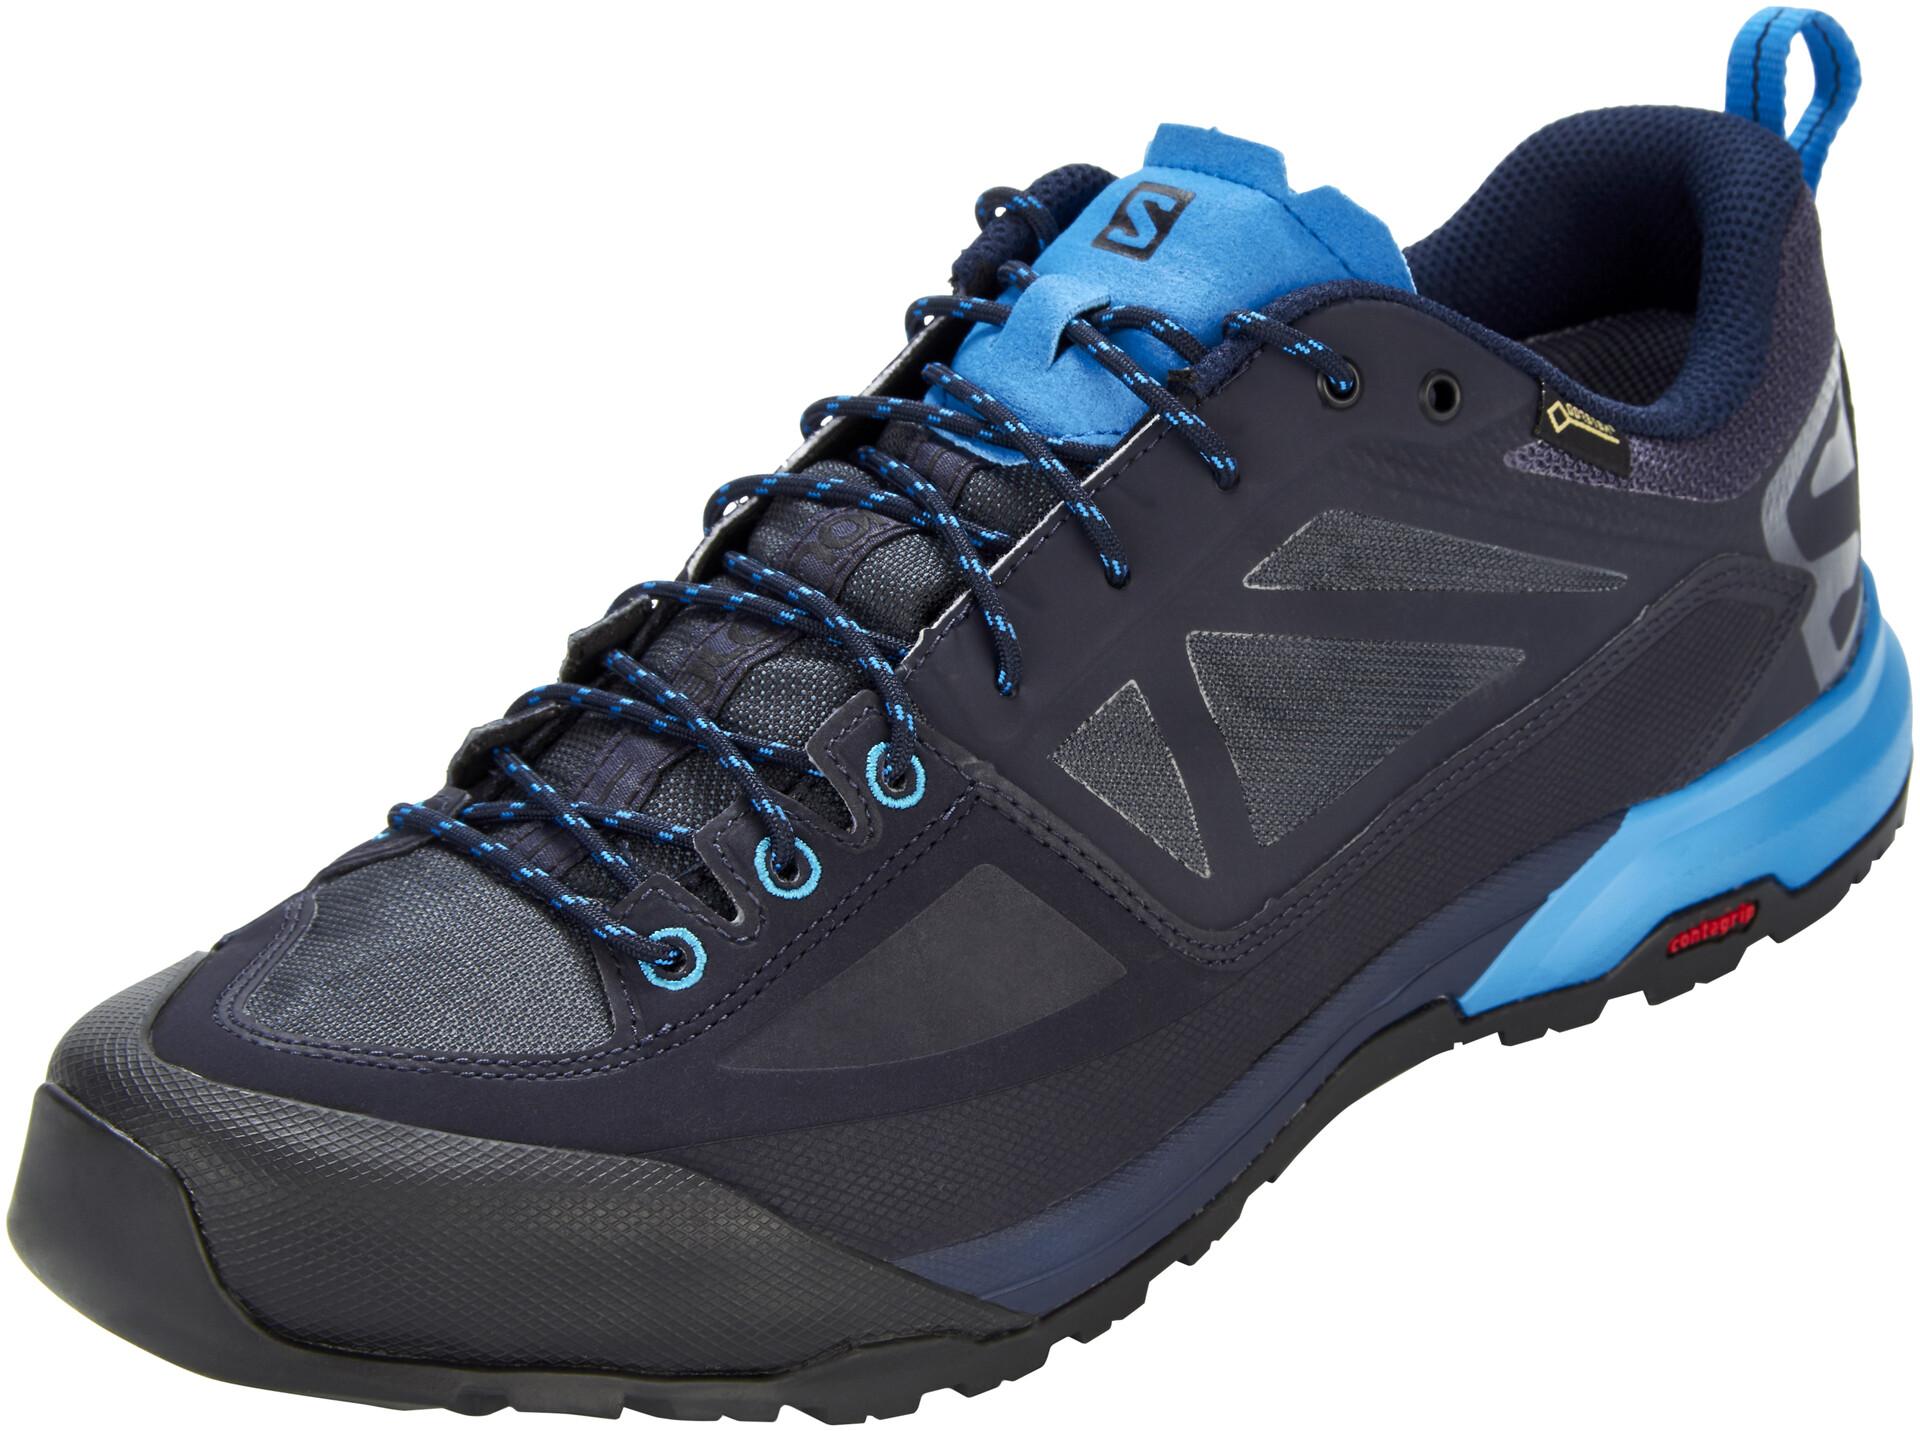 Salomon X Alp SPRY GTX Chaussures Homme, night skygraphiteindigo bunting